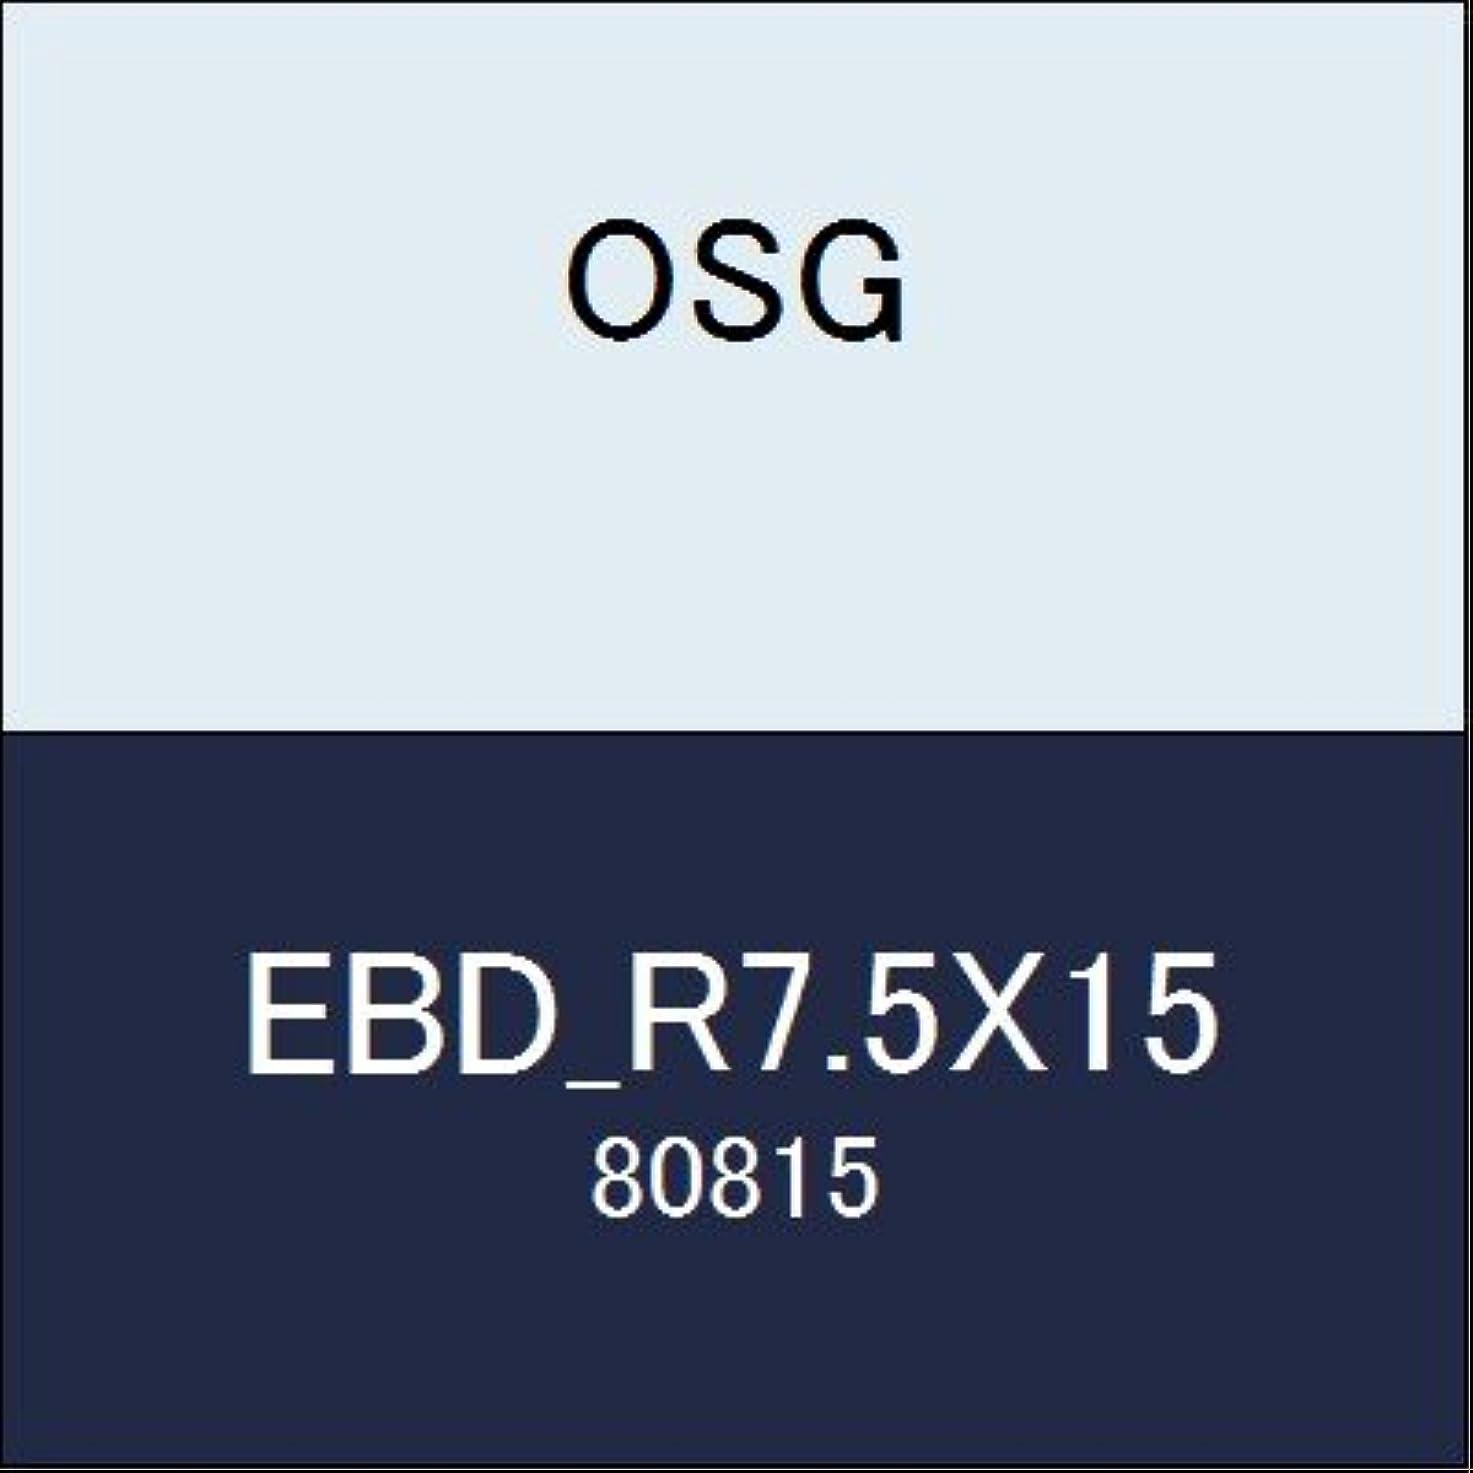 先行する爆発物カトリック教徒OSG ボールエンドミル EBD_R7.5X15 商品番号 80815